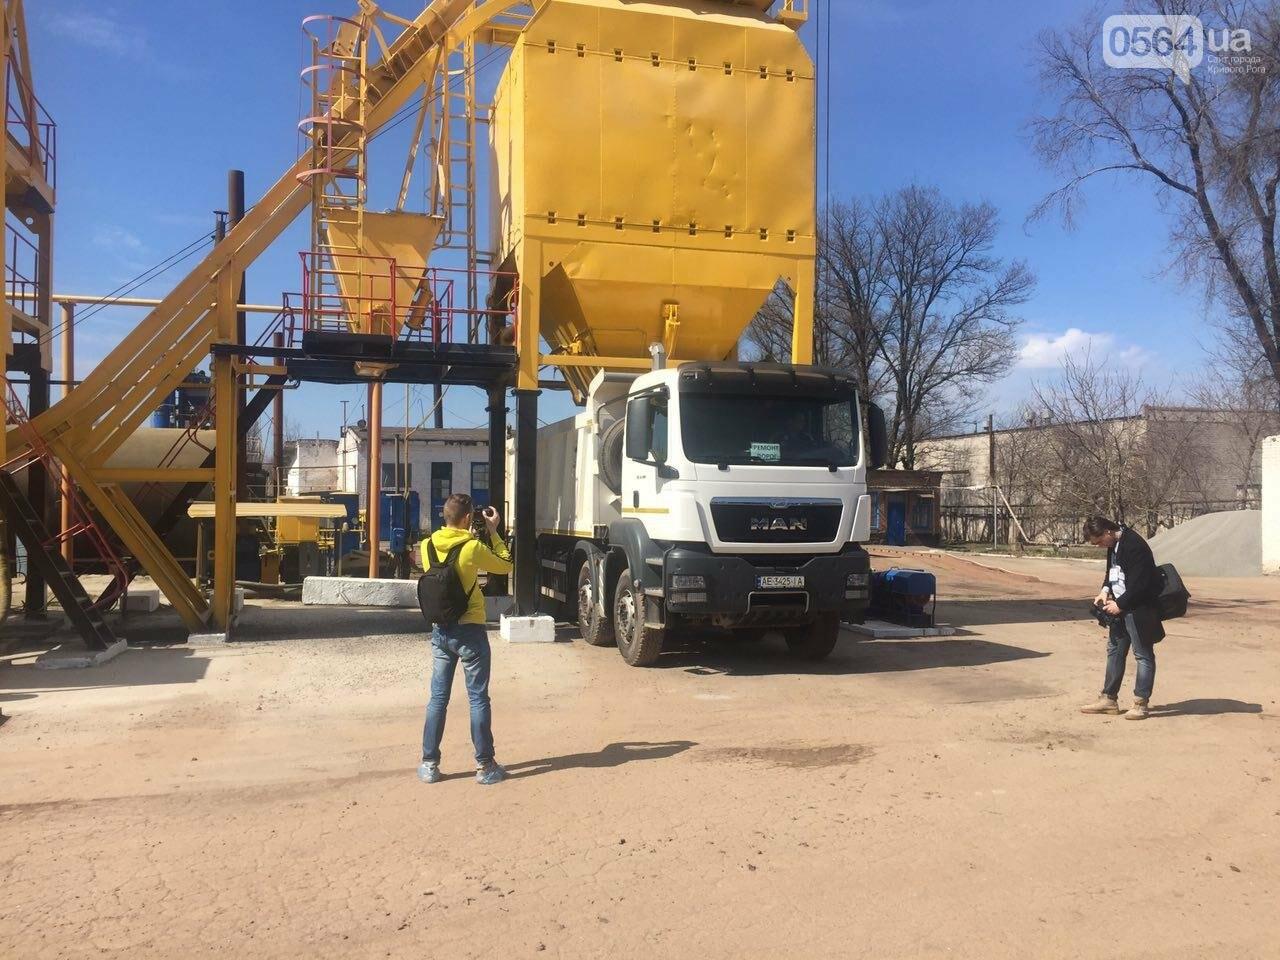 В Кривом Роге запустили первый асфальтный завод и рассказали о планах по ремонту дорог (ФОТО), фото-16